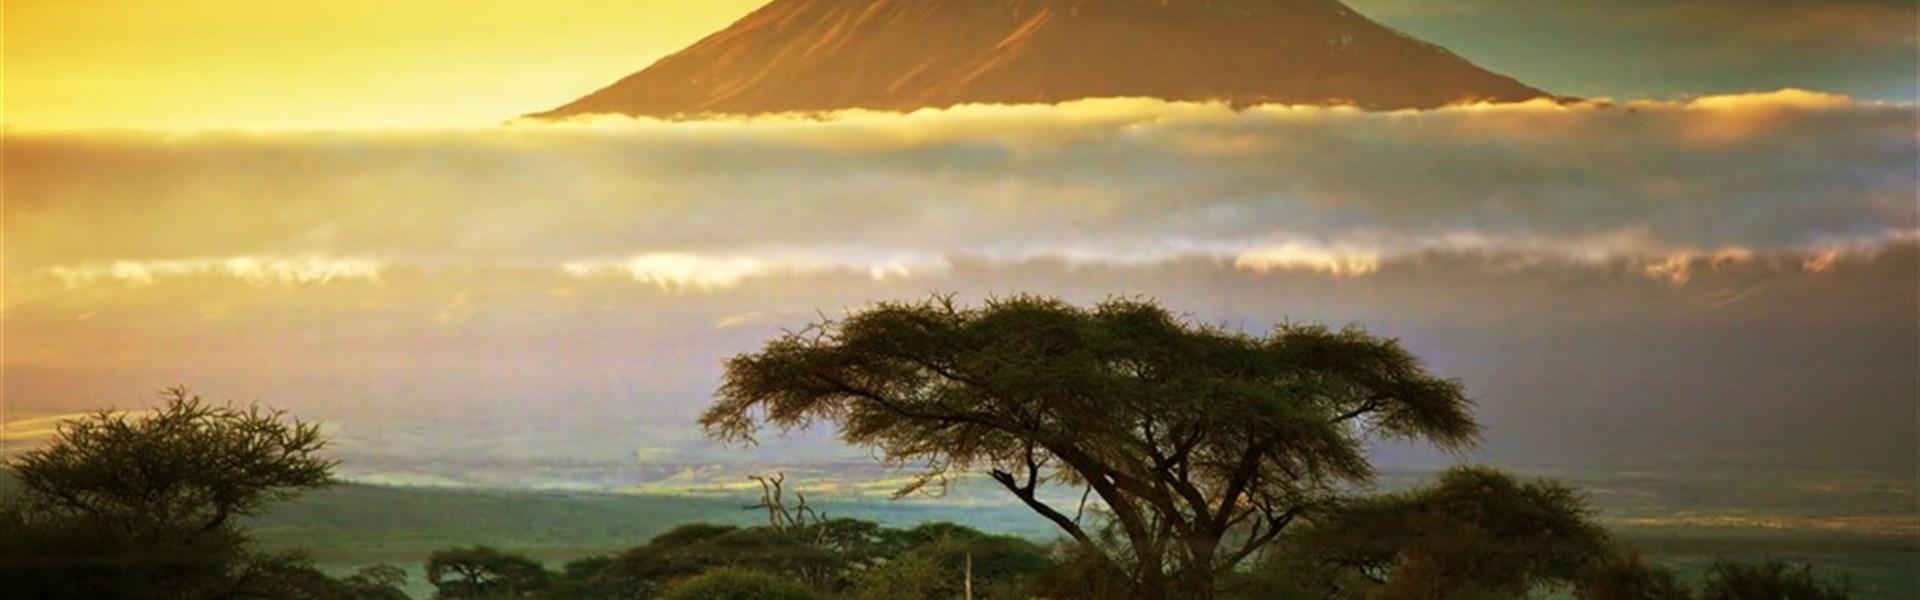 Safari v Amboseli a Tsavo West a pobyt u moře - 4 noci safari a 6 nocí u moře.Český průvodce. - Safari v Keni s Marco Polo_Amboseli